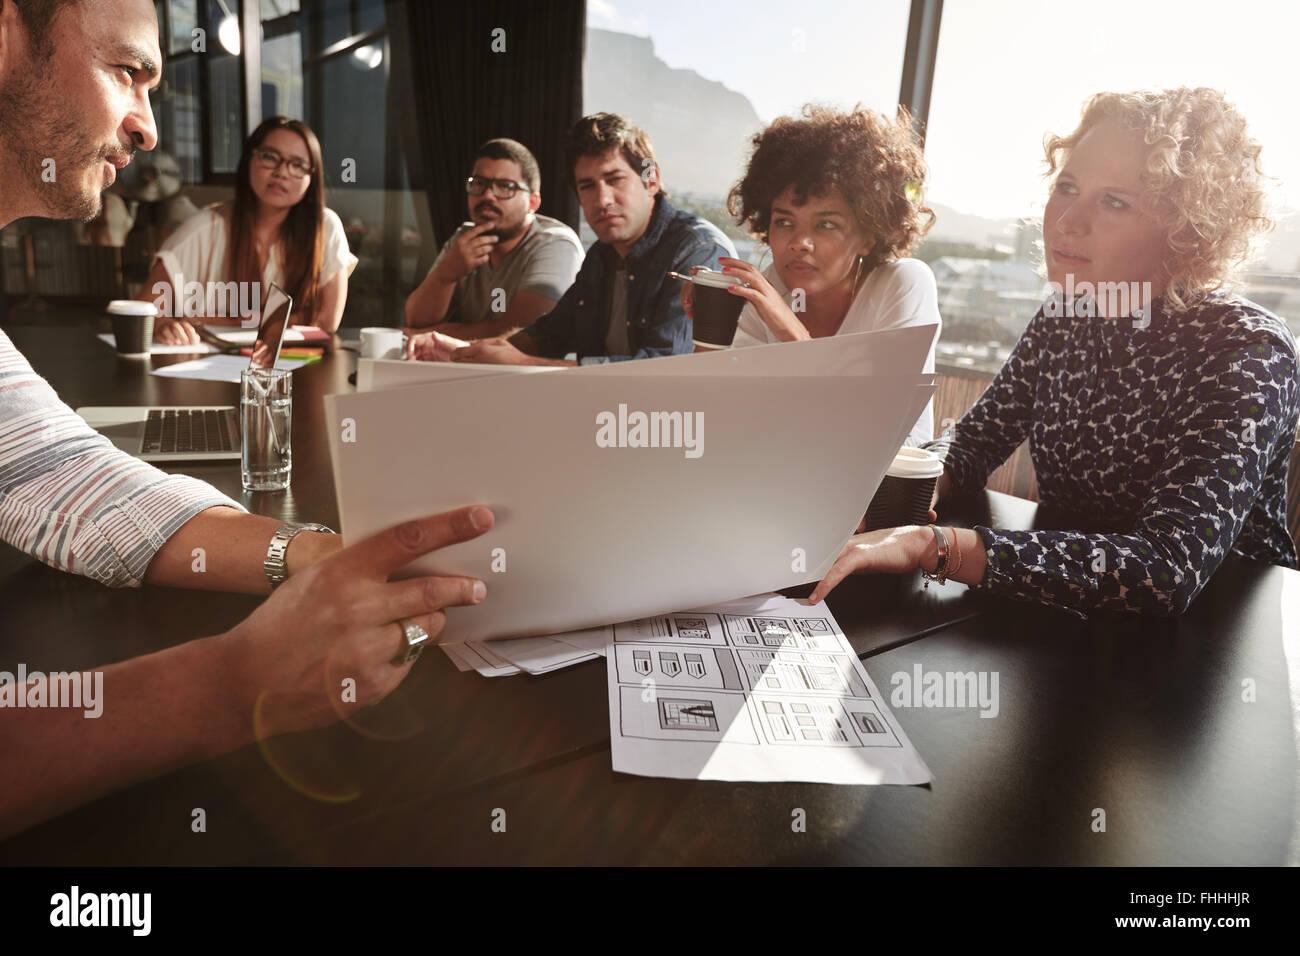 Closeup foto de equipo de los jóvenes va más papeleo. Las personas creativas reunión en mesa de restaurante. Imagen De Stock